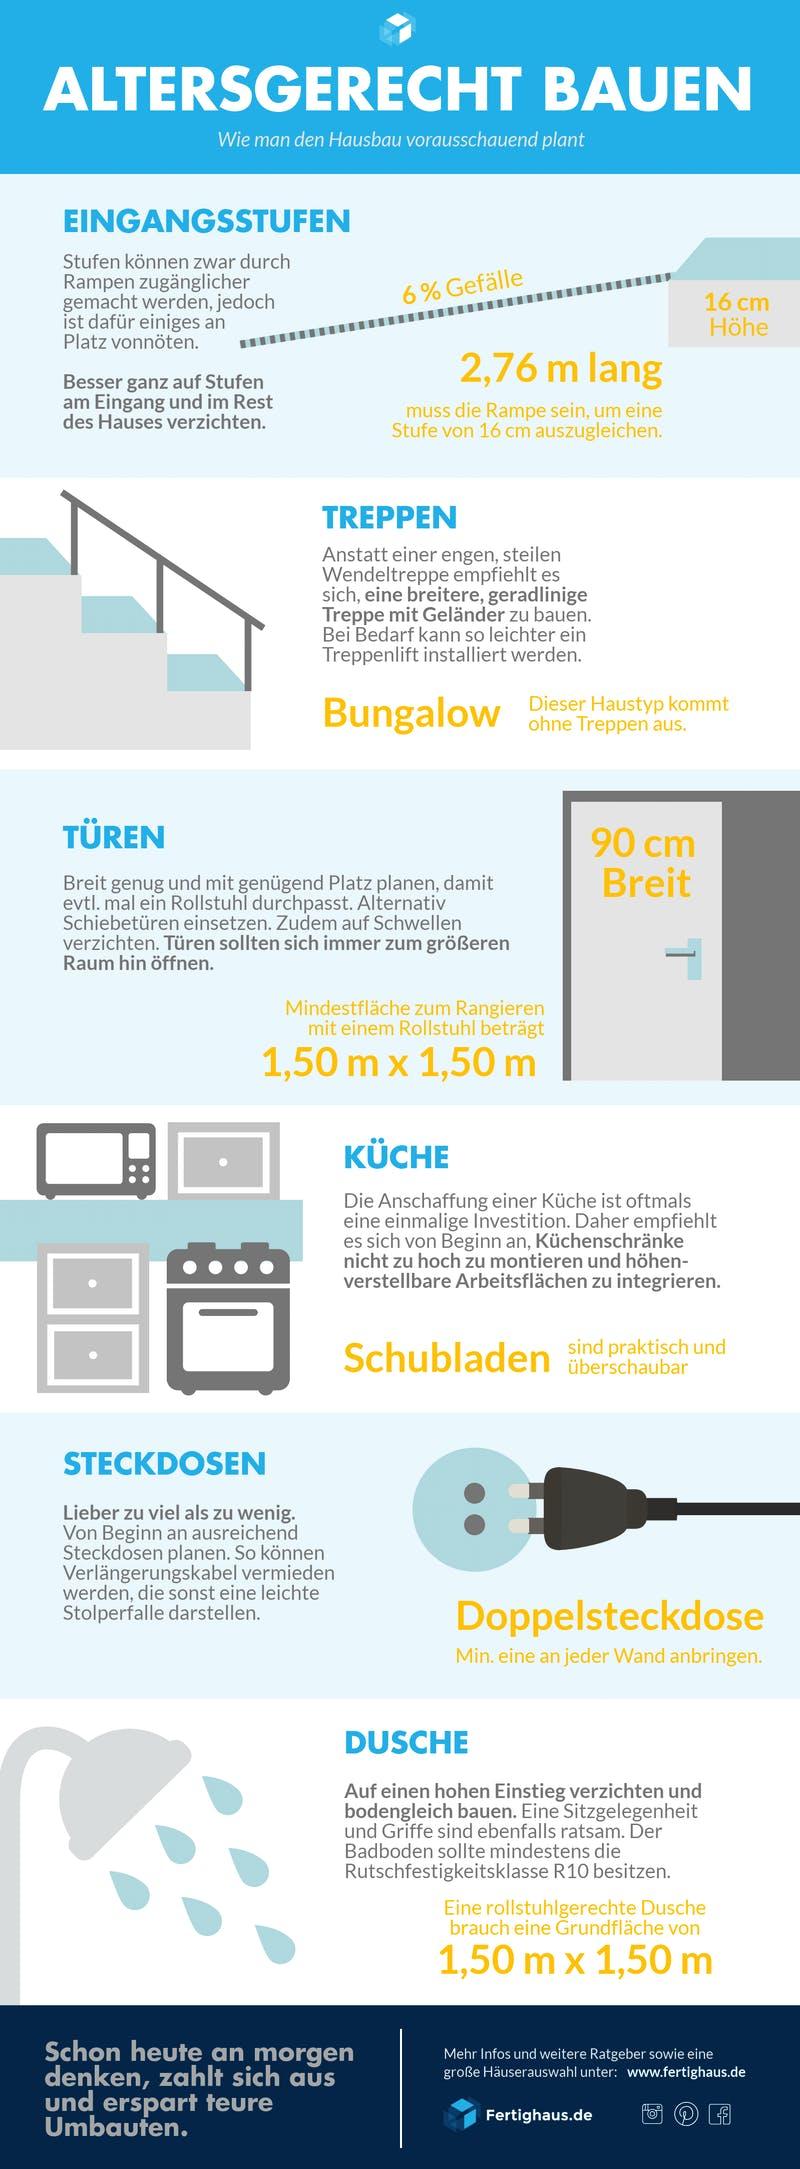 Altersgerecht bauen Infografik